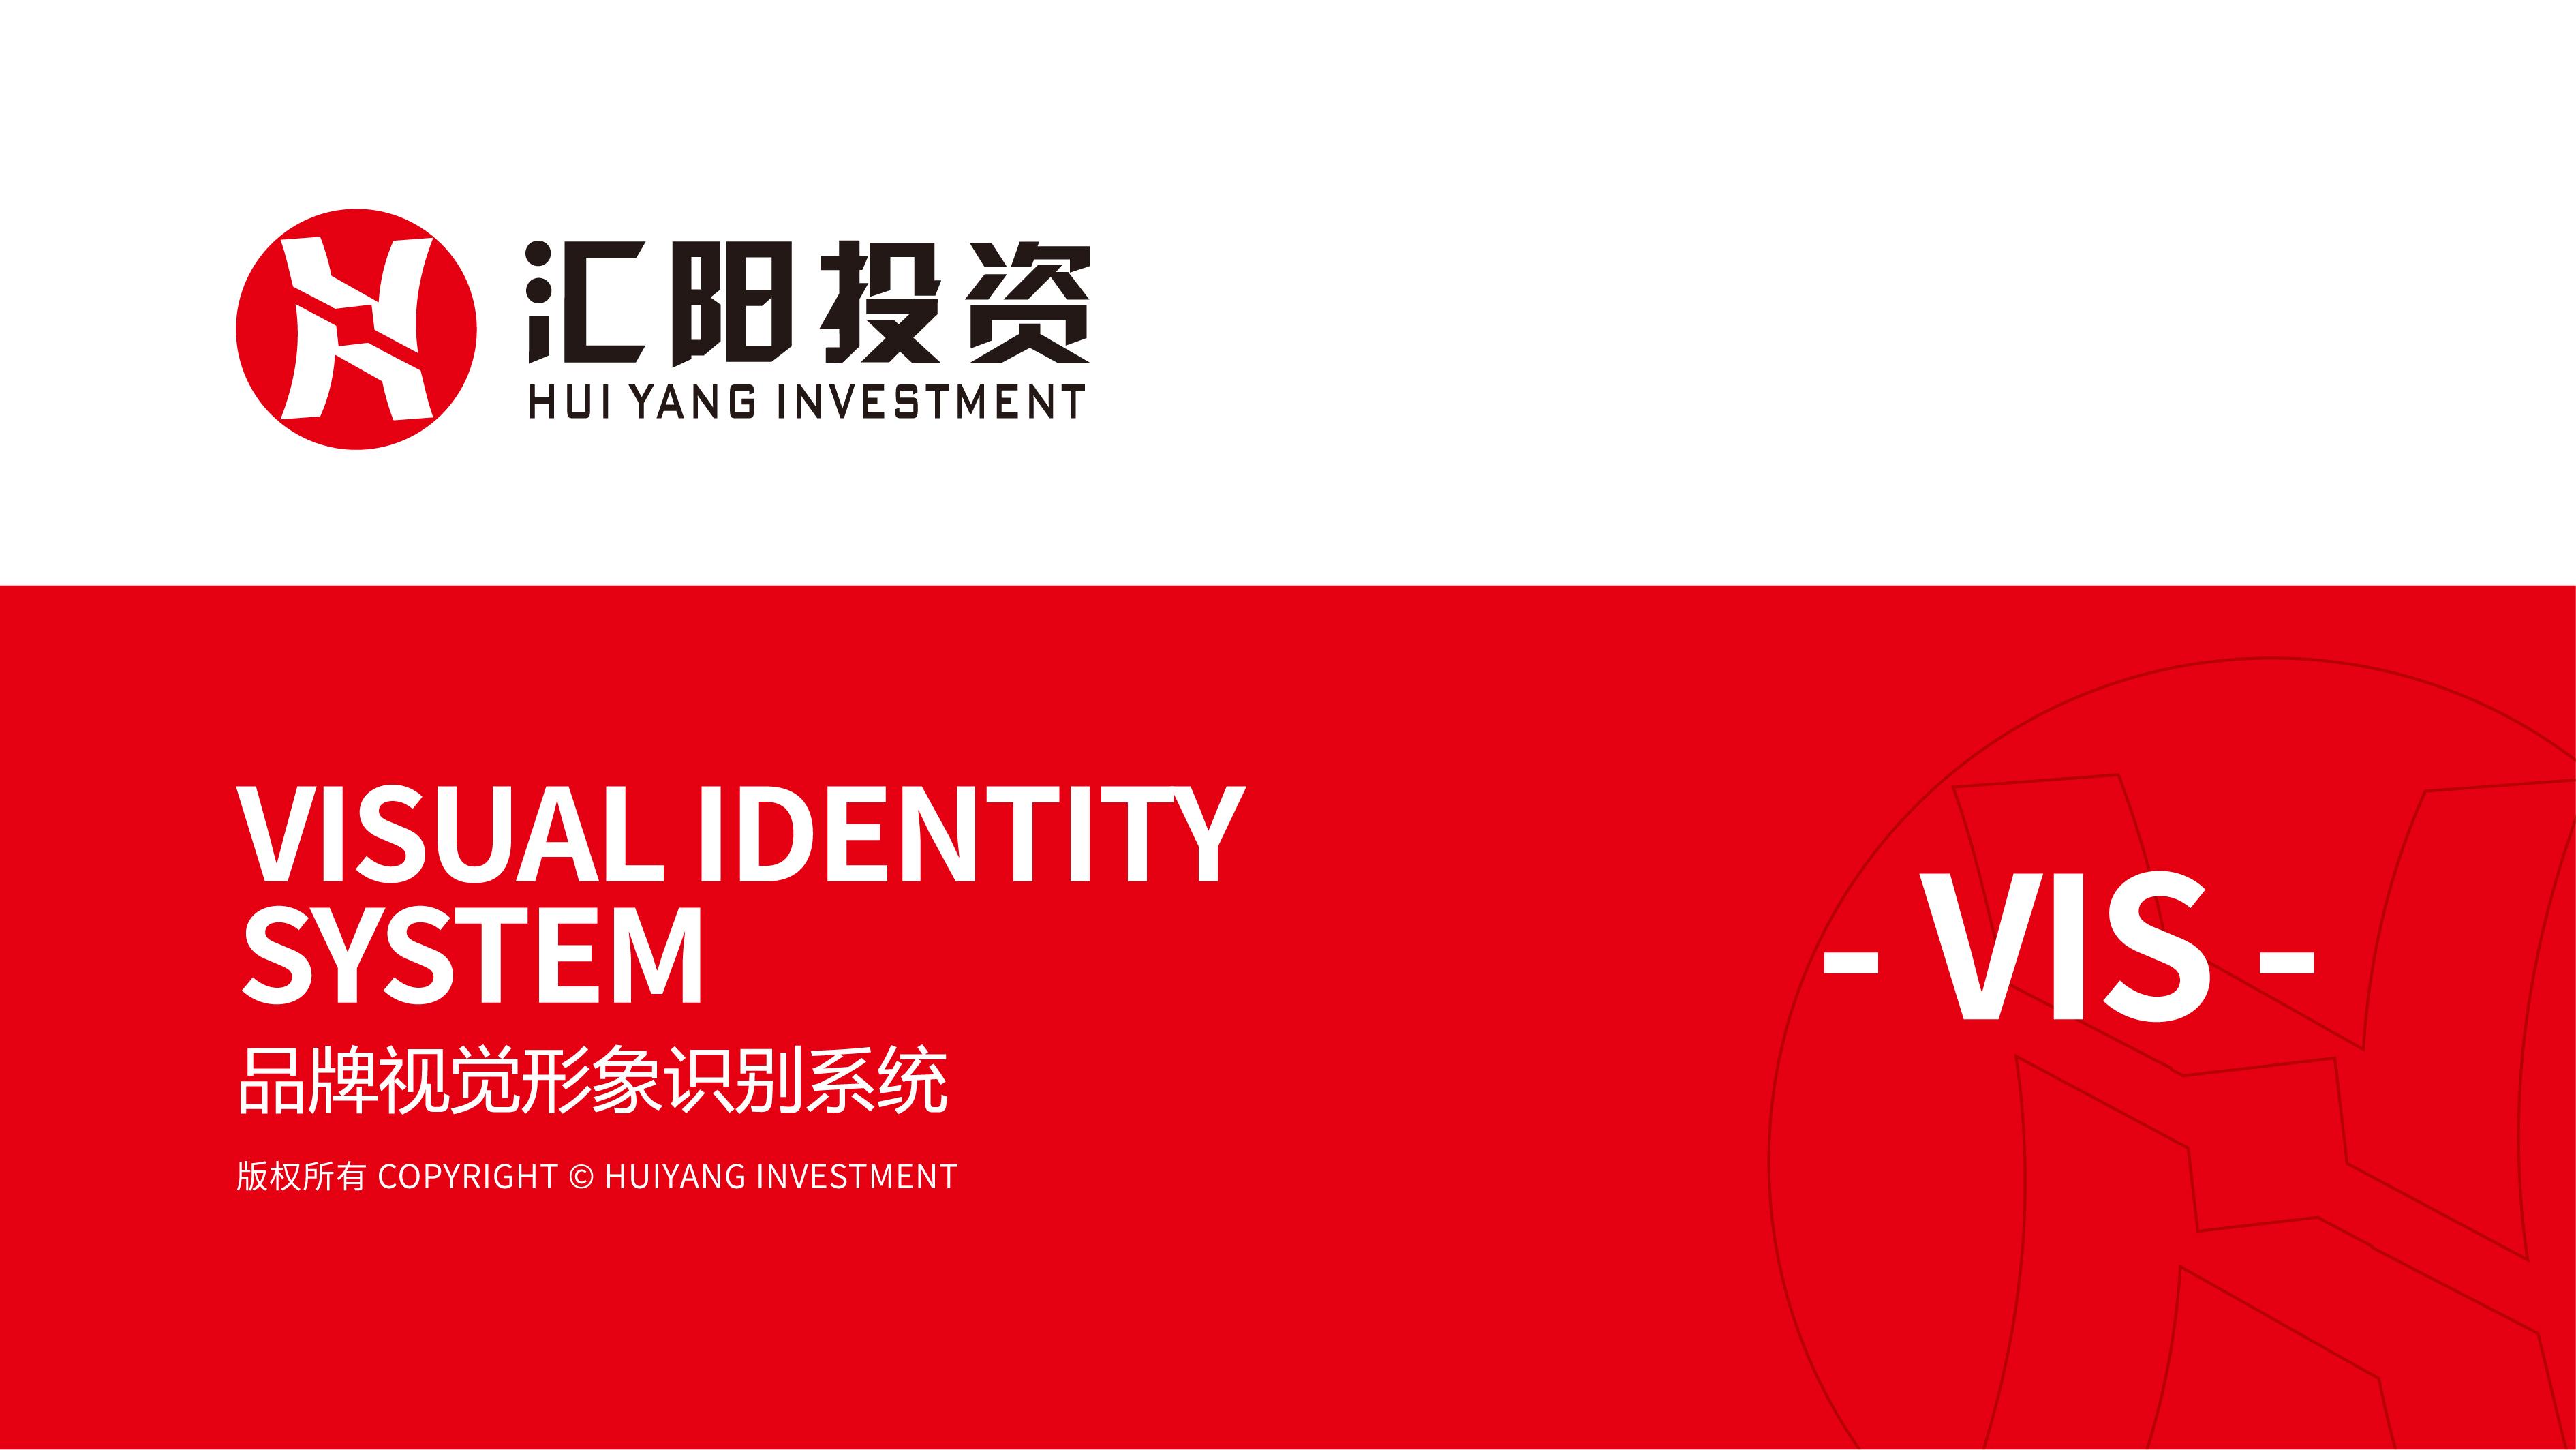 汇阳投资公司VI设计